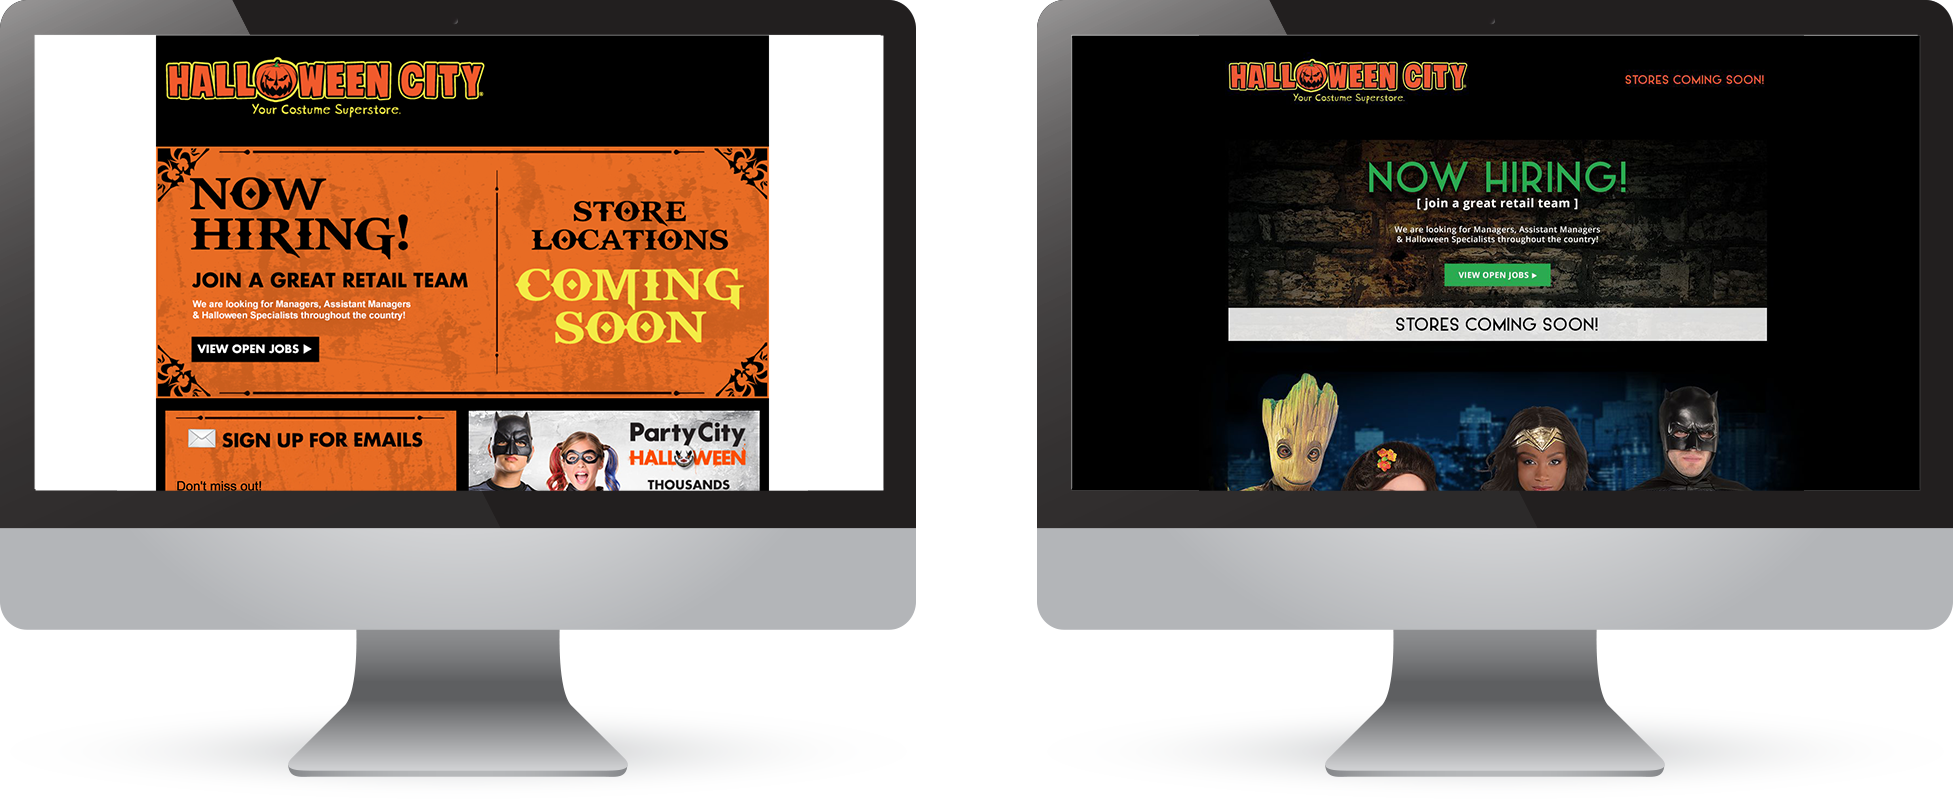 hc-desktop-before-after.png